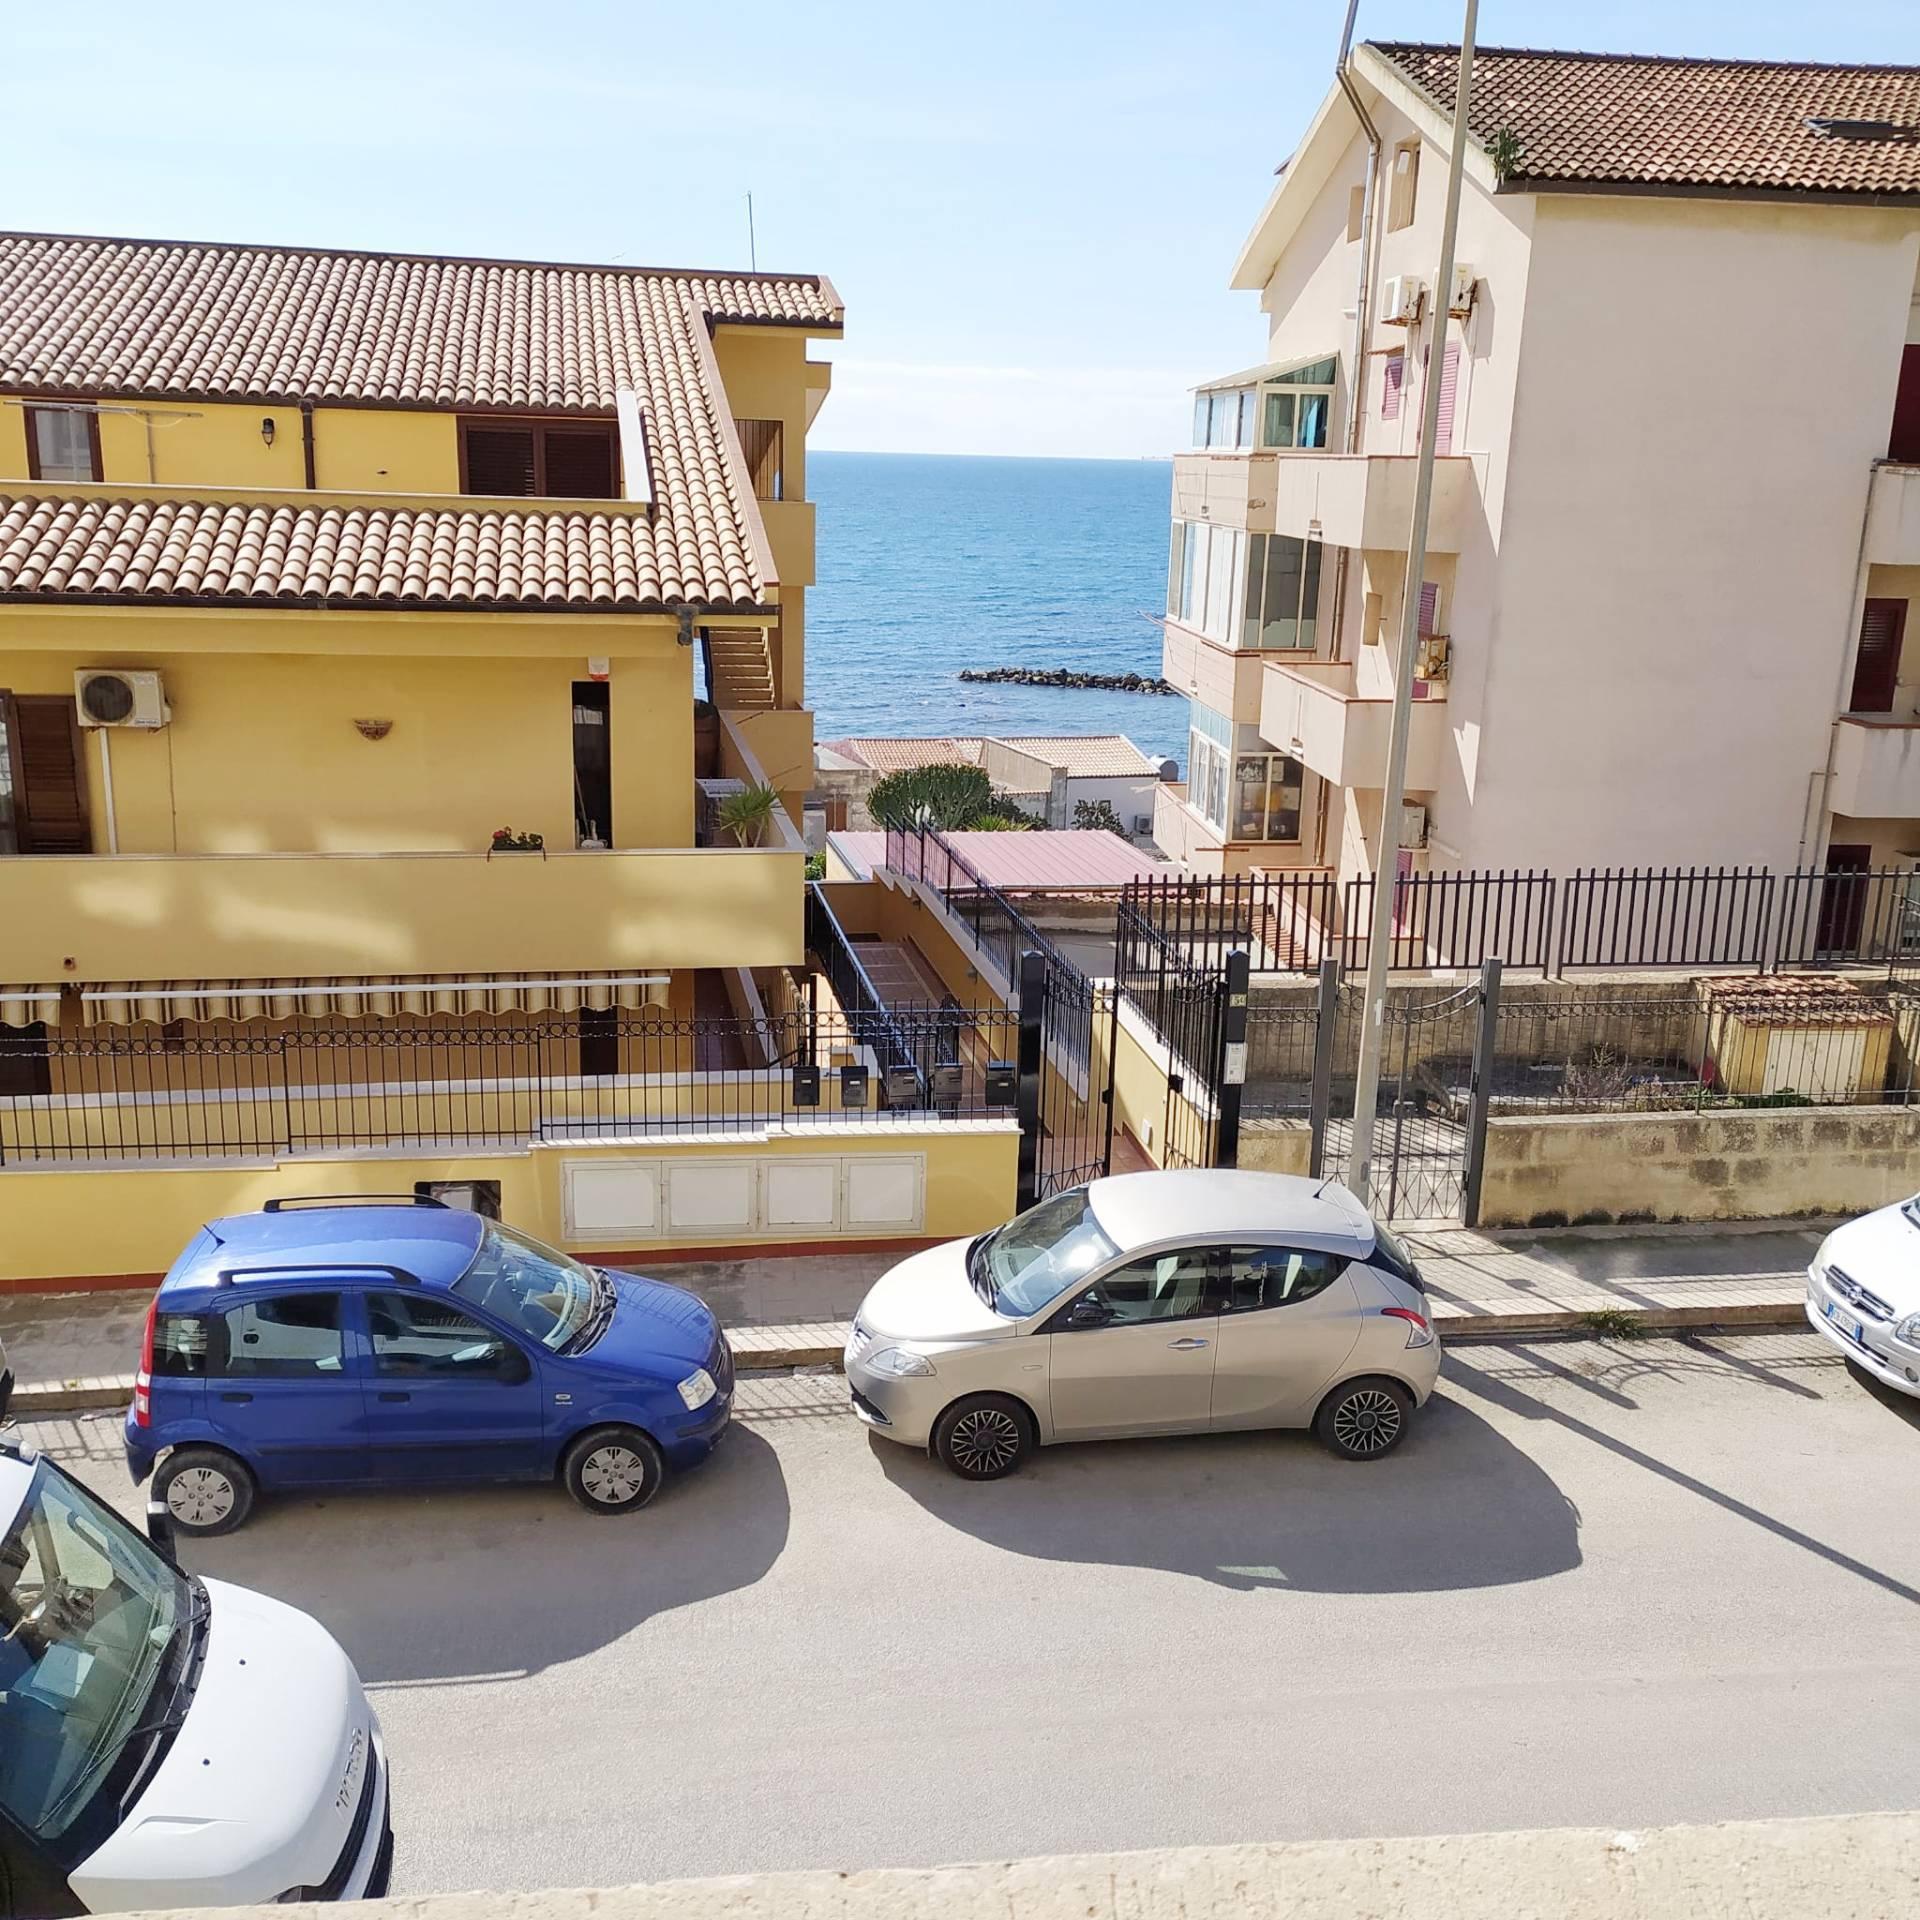 Appartamento in vendita a Sciacca (AG)